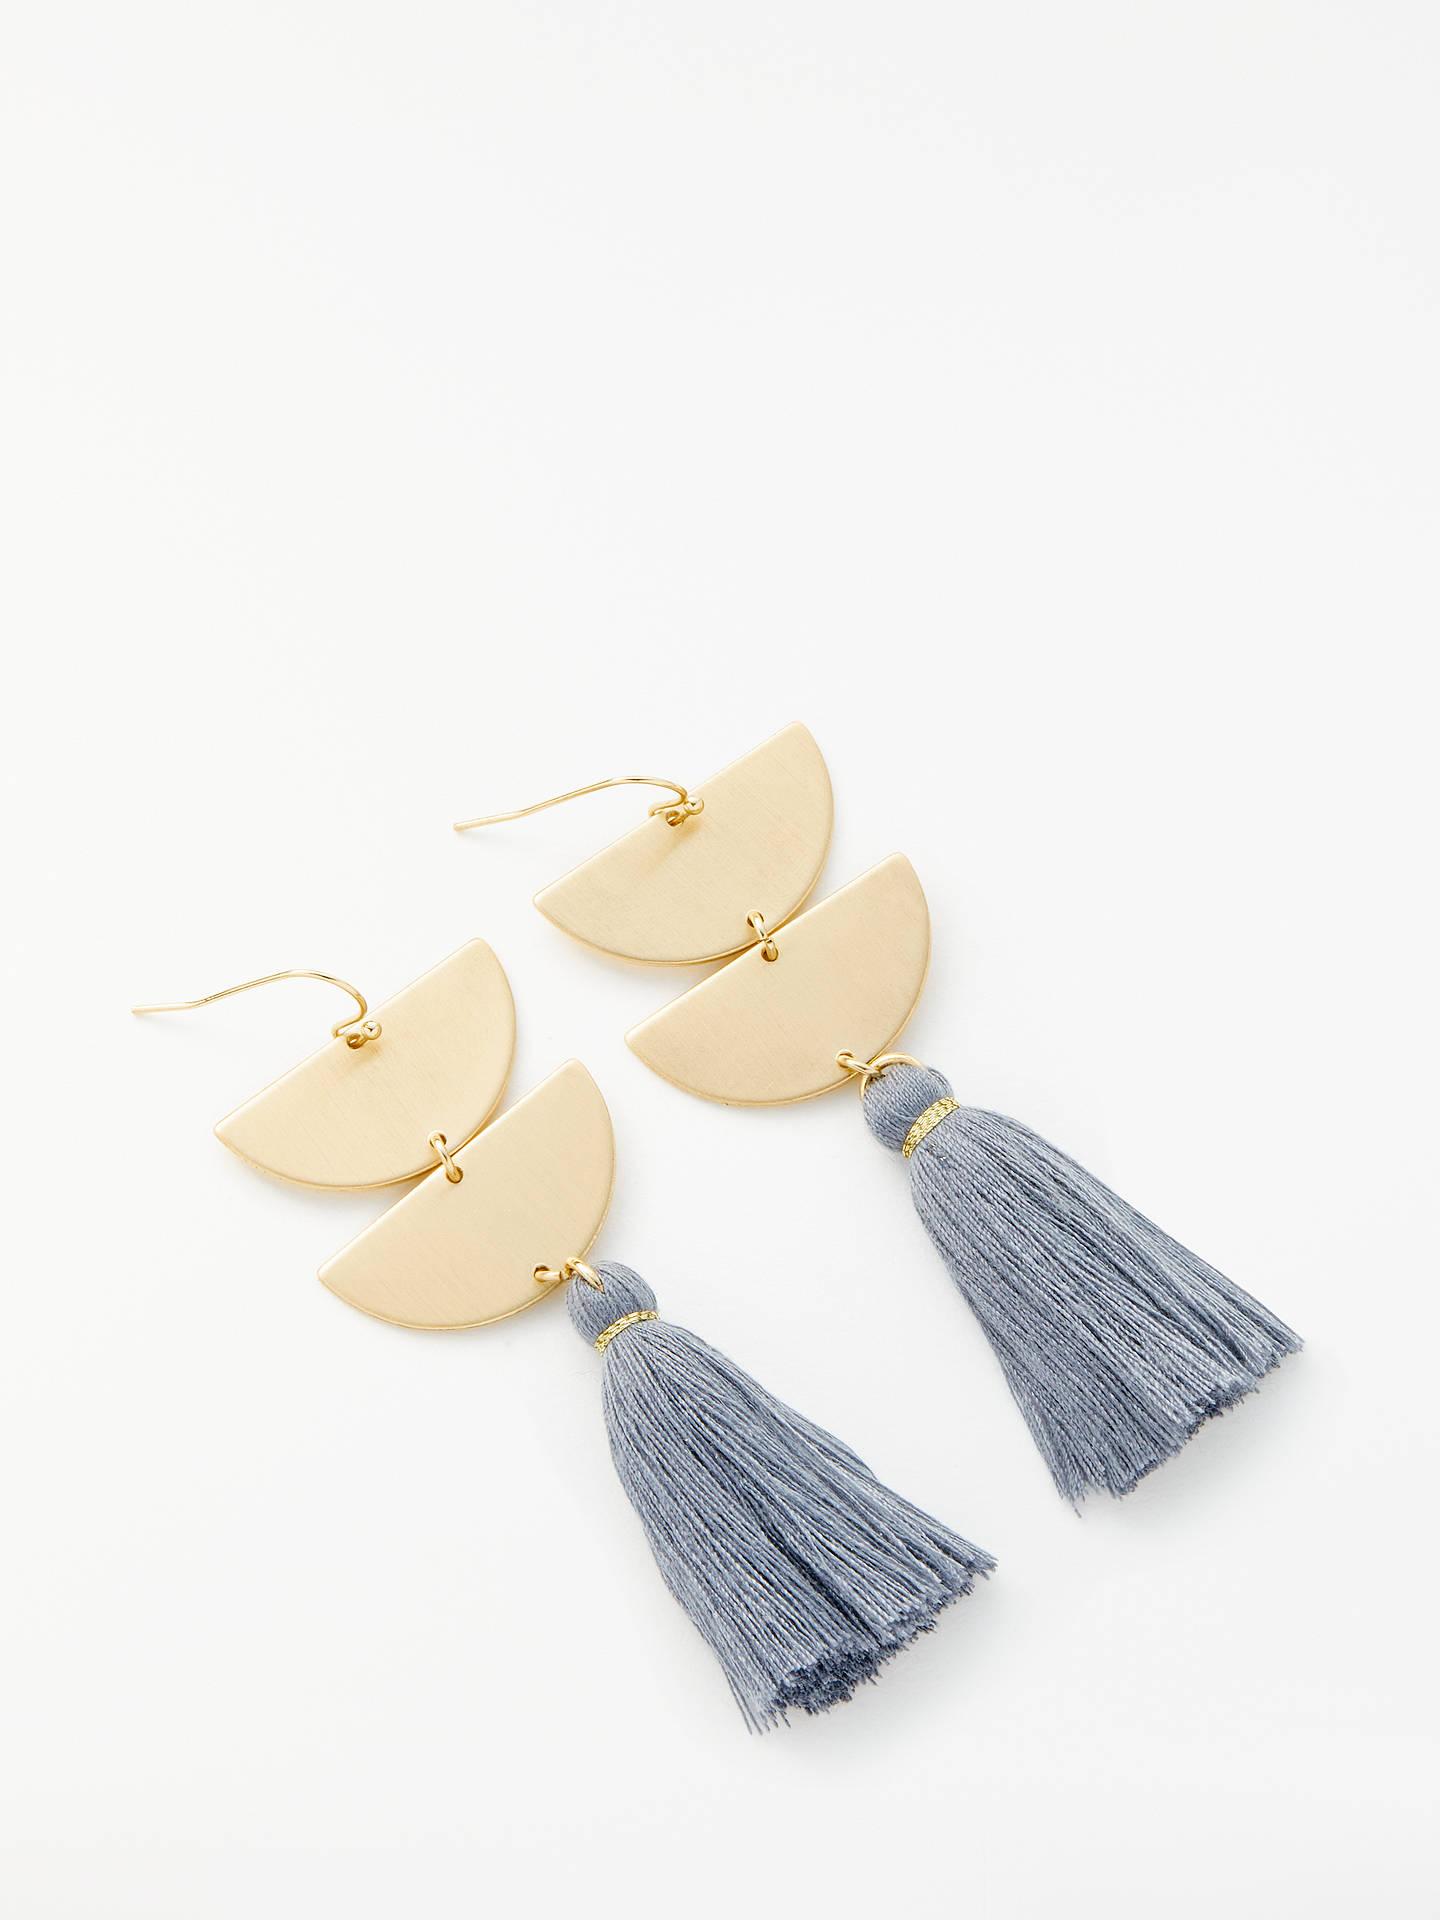 7b5590ab487 Buy John Lewis Tassel Earrings